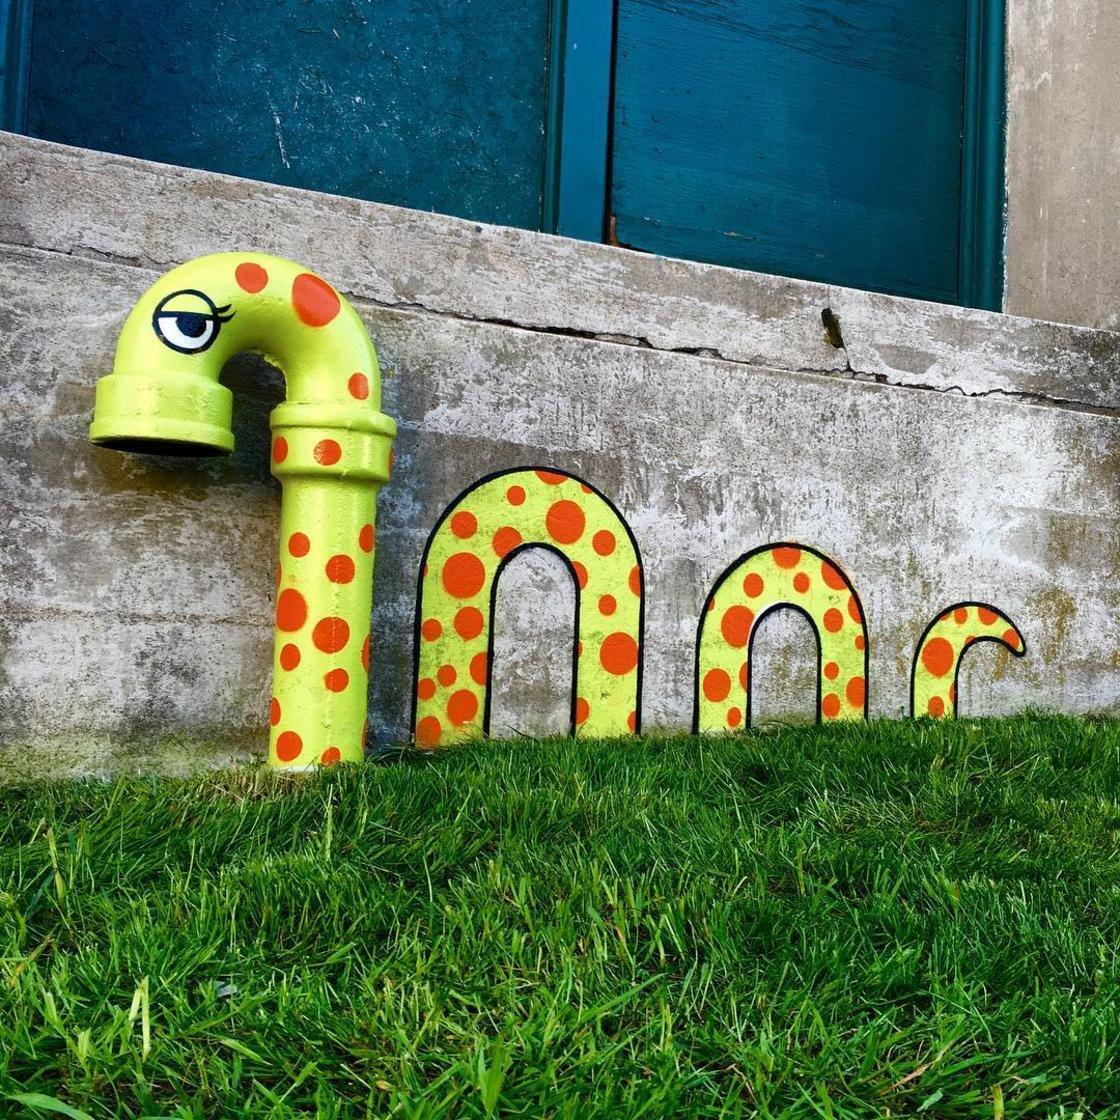 tom bob street art new york 17 1024x1024 - 뉴욕의 천재 '거리예술가' 손에 재탄생한 길거리 (사진 25장)